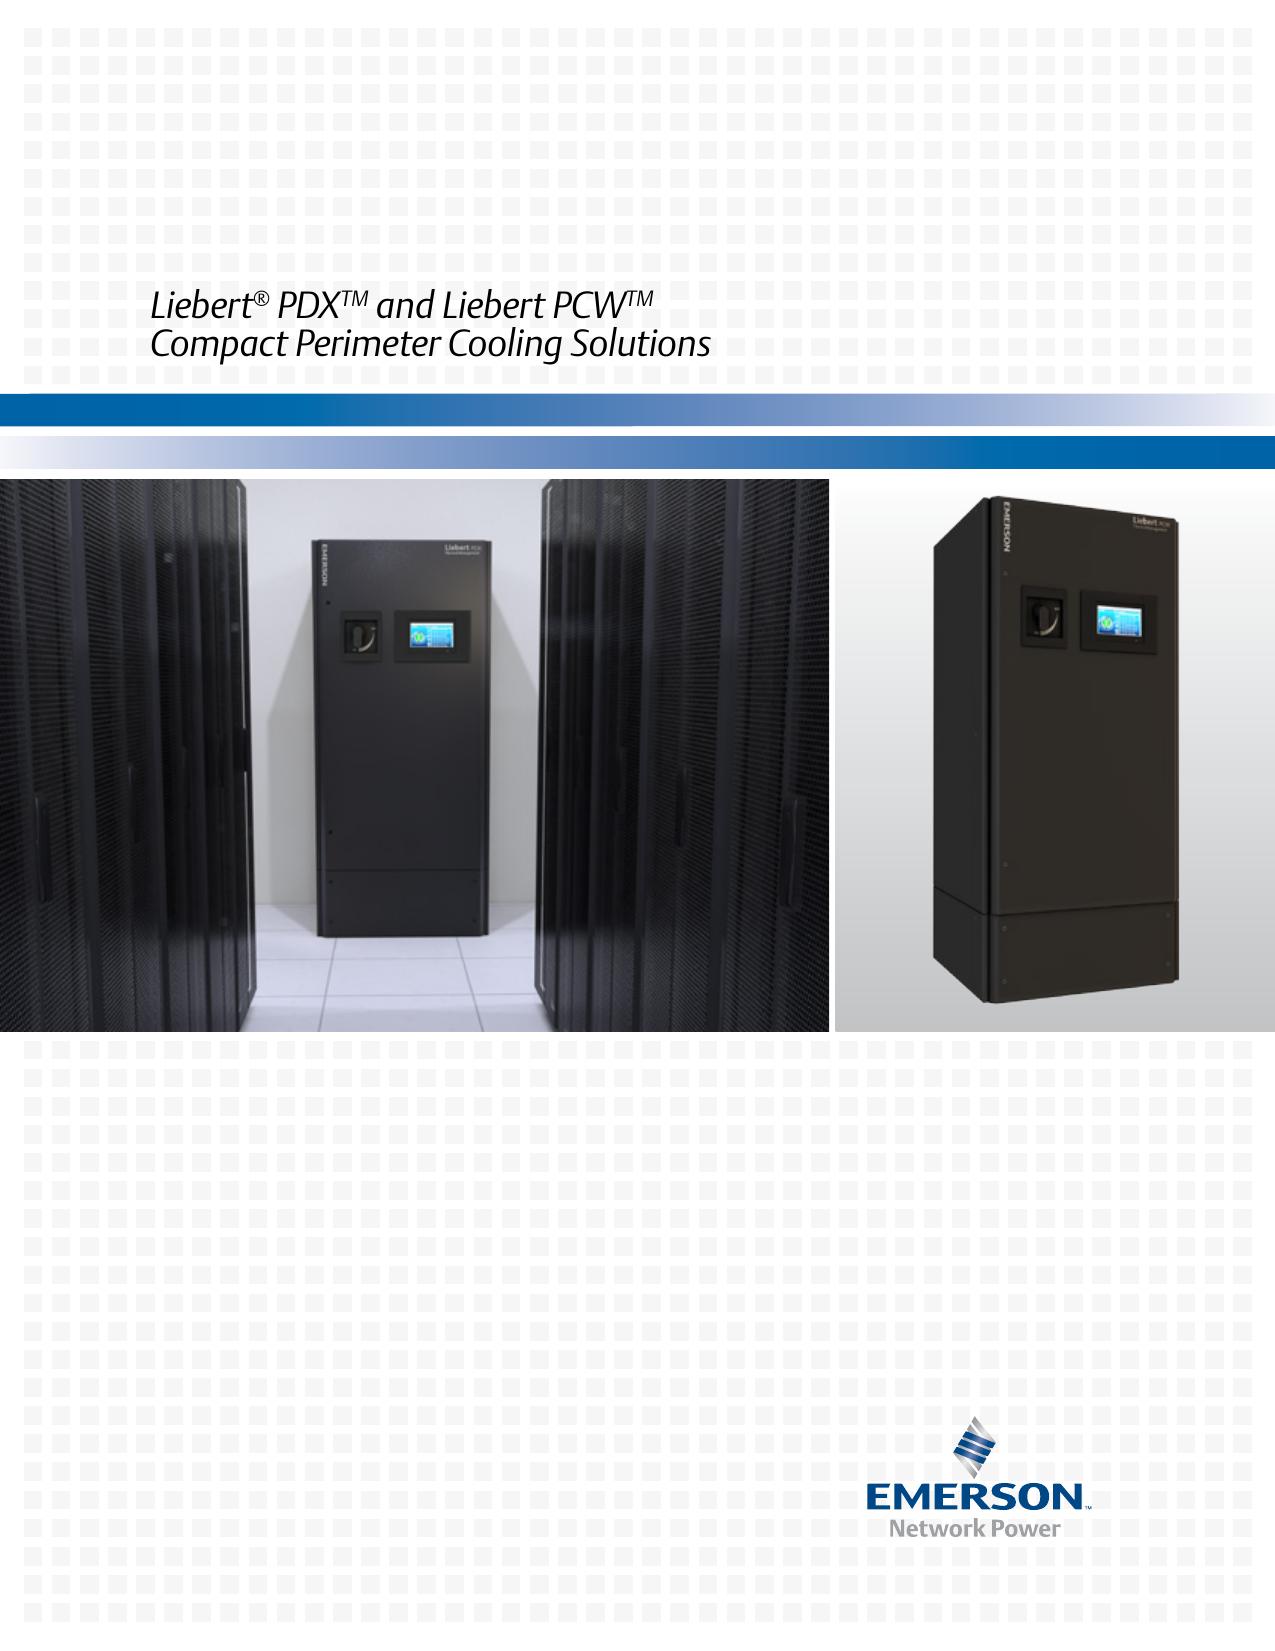 Liebert PDX and Liebert PCW Compact Perimeter Cooling Solutions